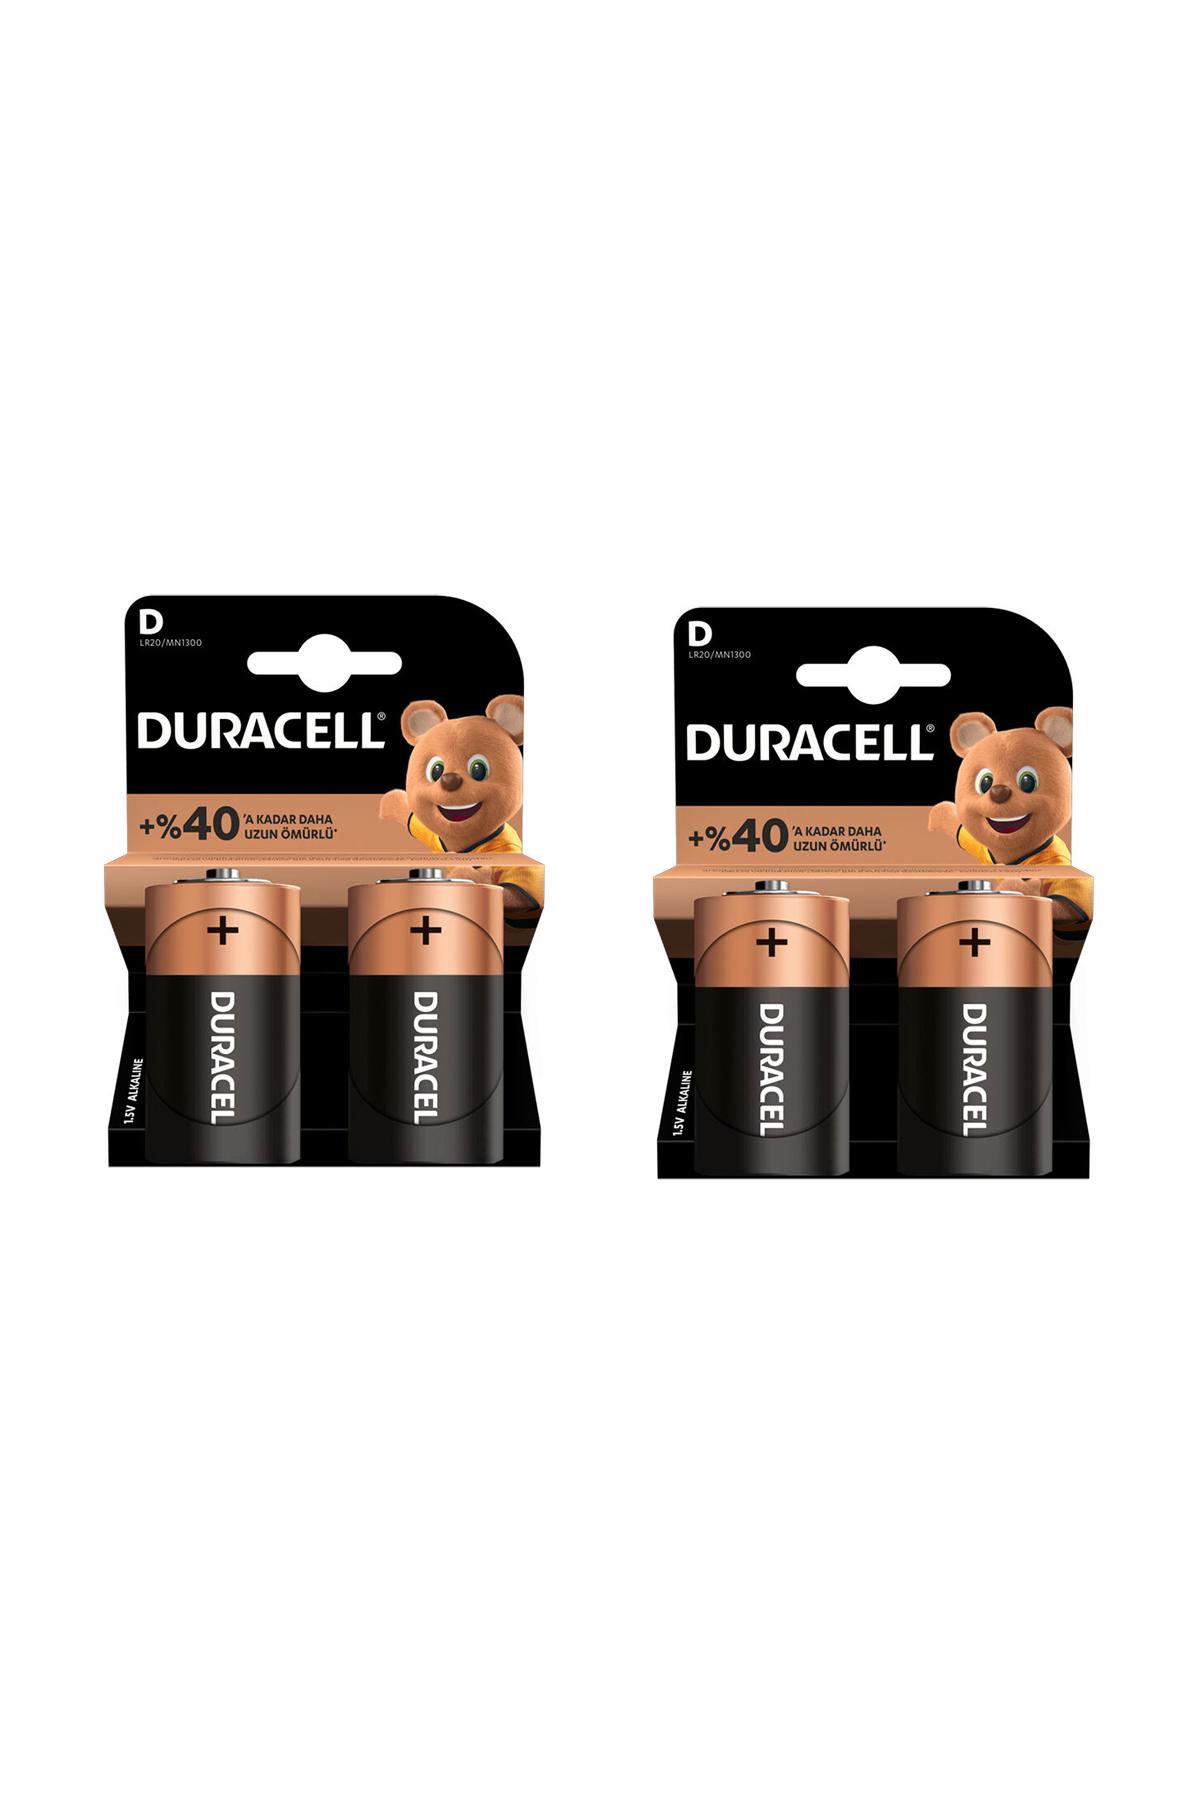 Duracell D 4'Lü Büyük Pil